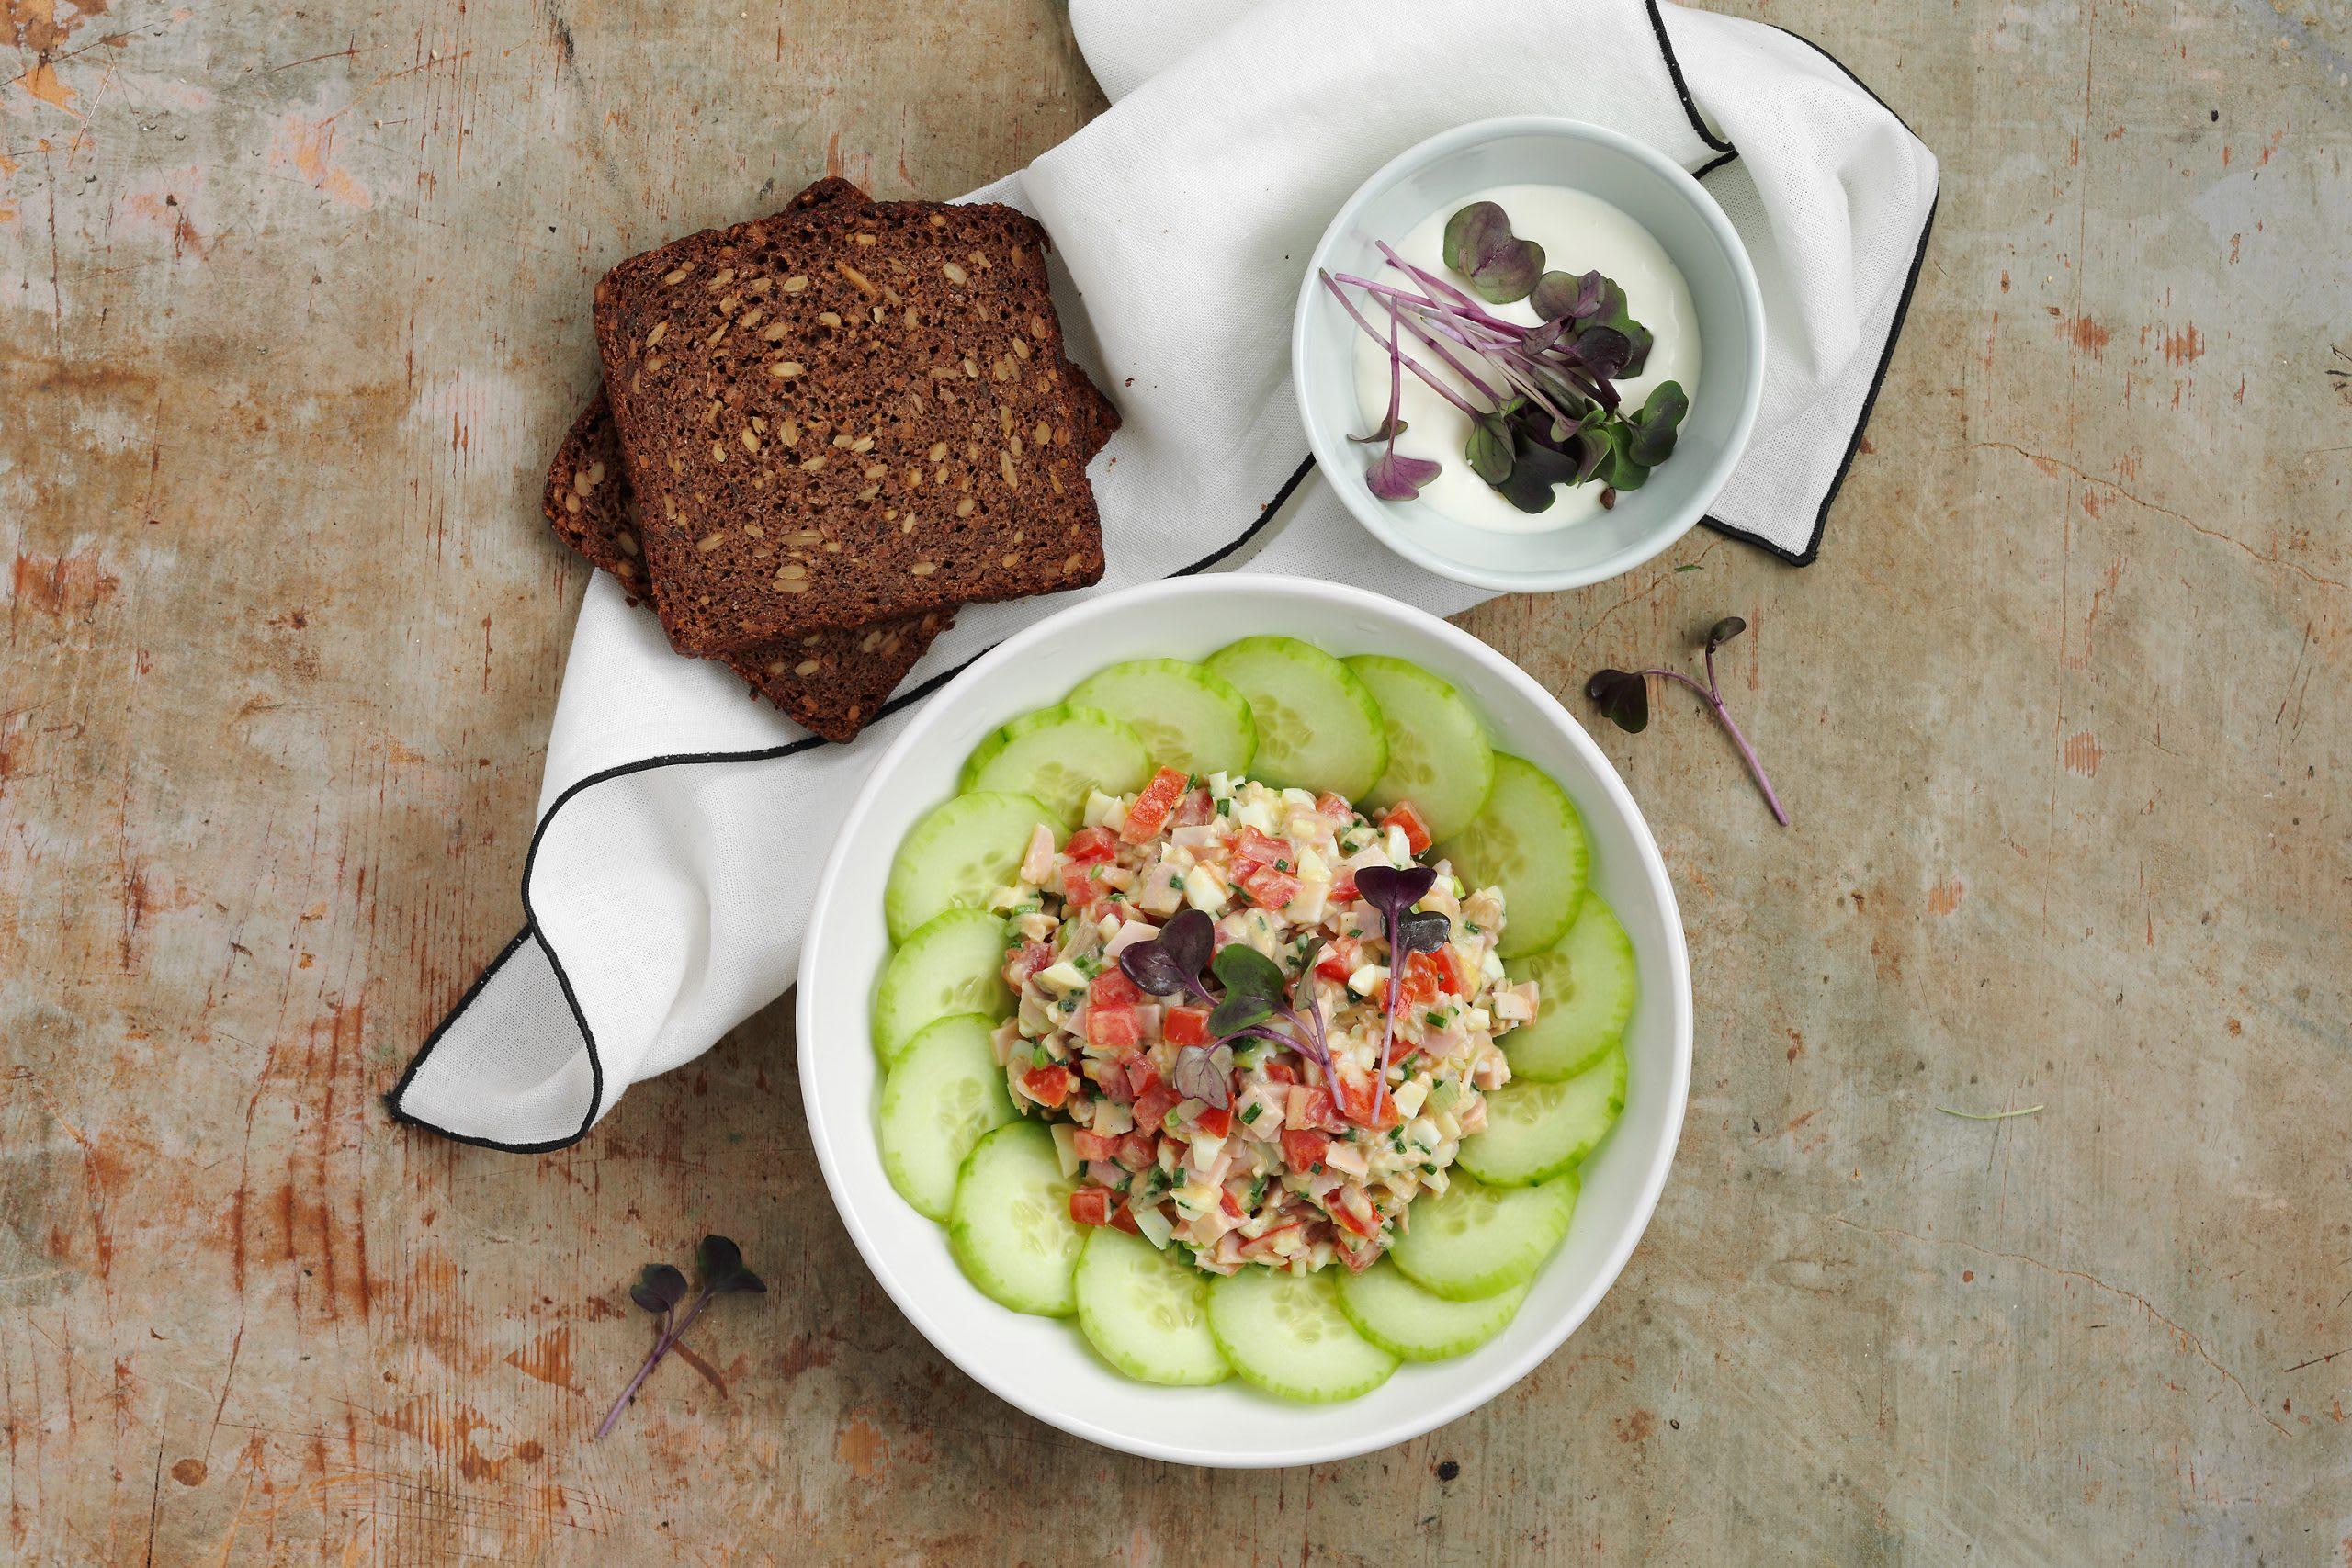 Salade de jambon sur lit de concombre et tartines au séré (low carb)